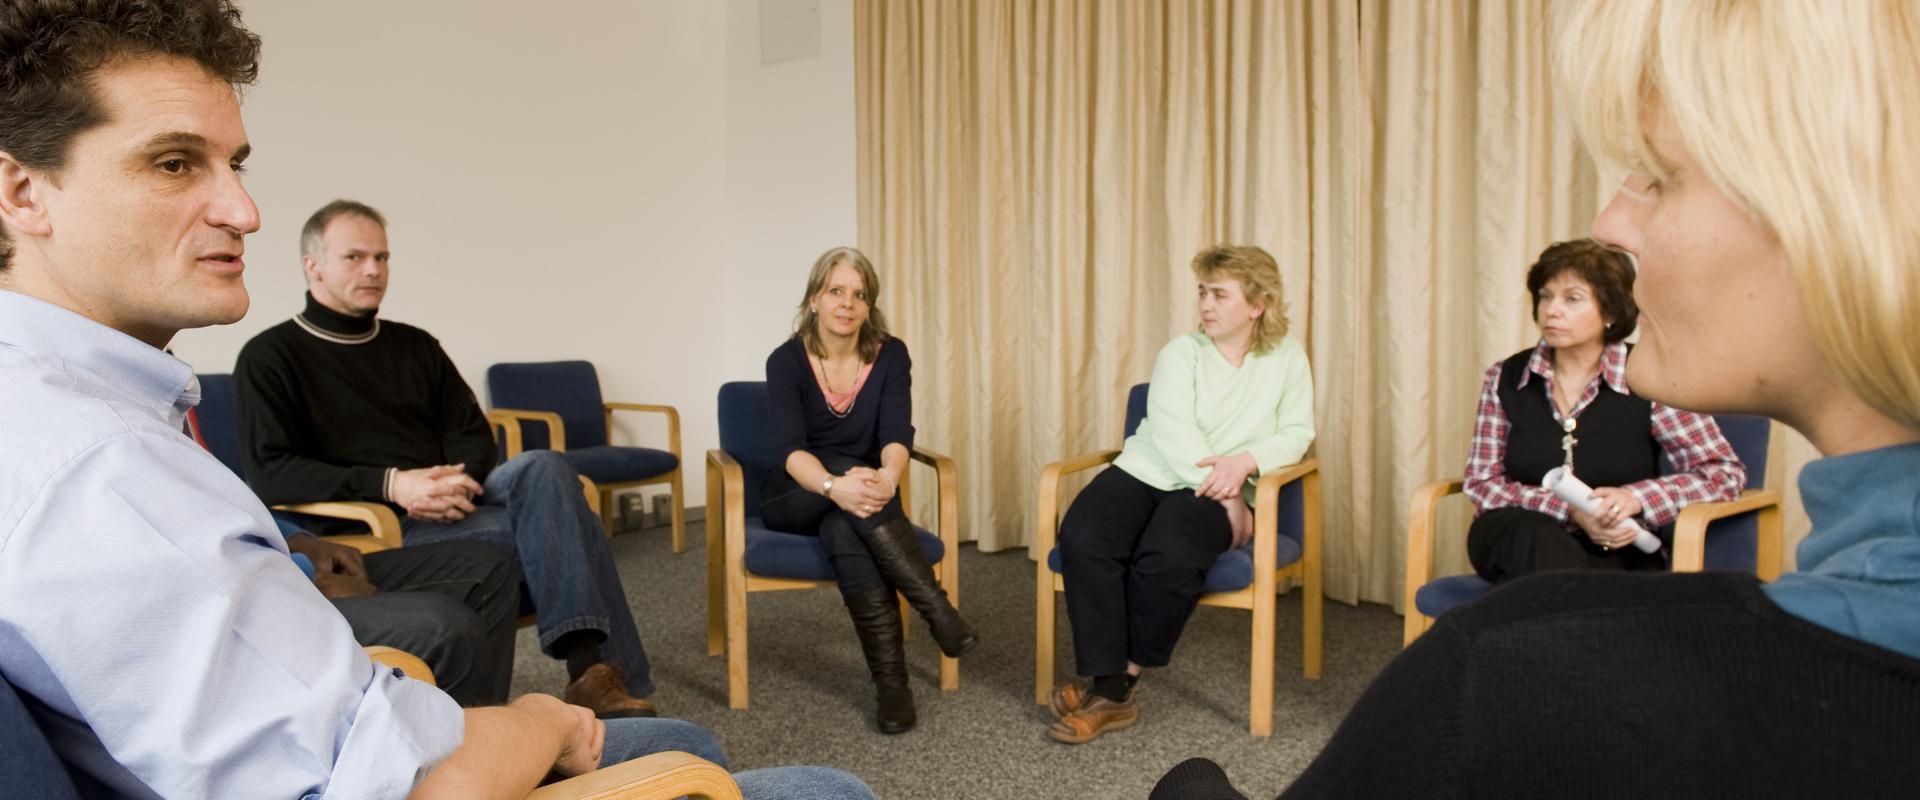 Gruppentherapie Essstörung in der MEDIAN Klinik Schweriner See